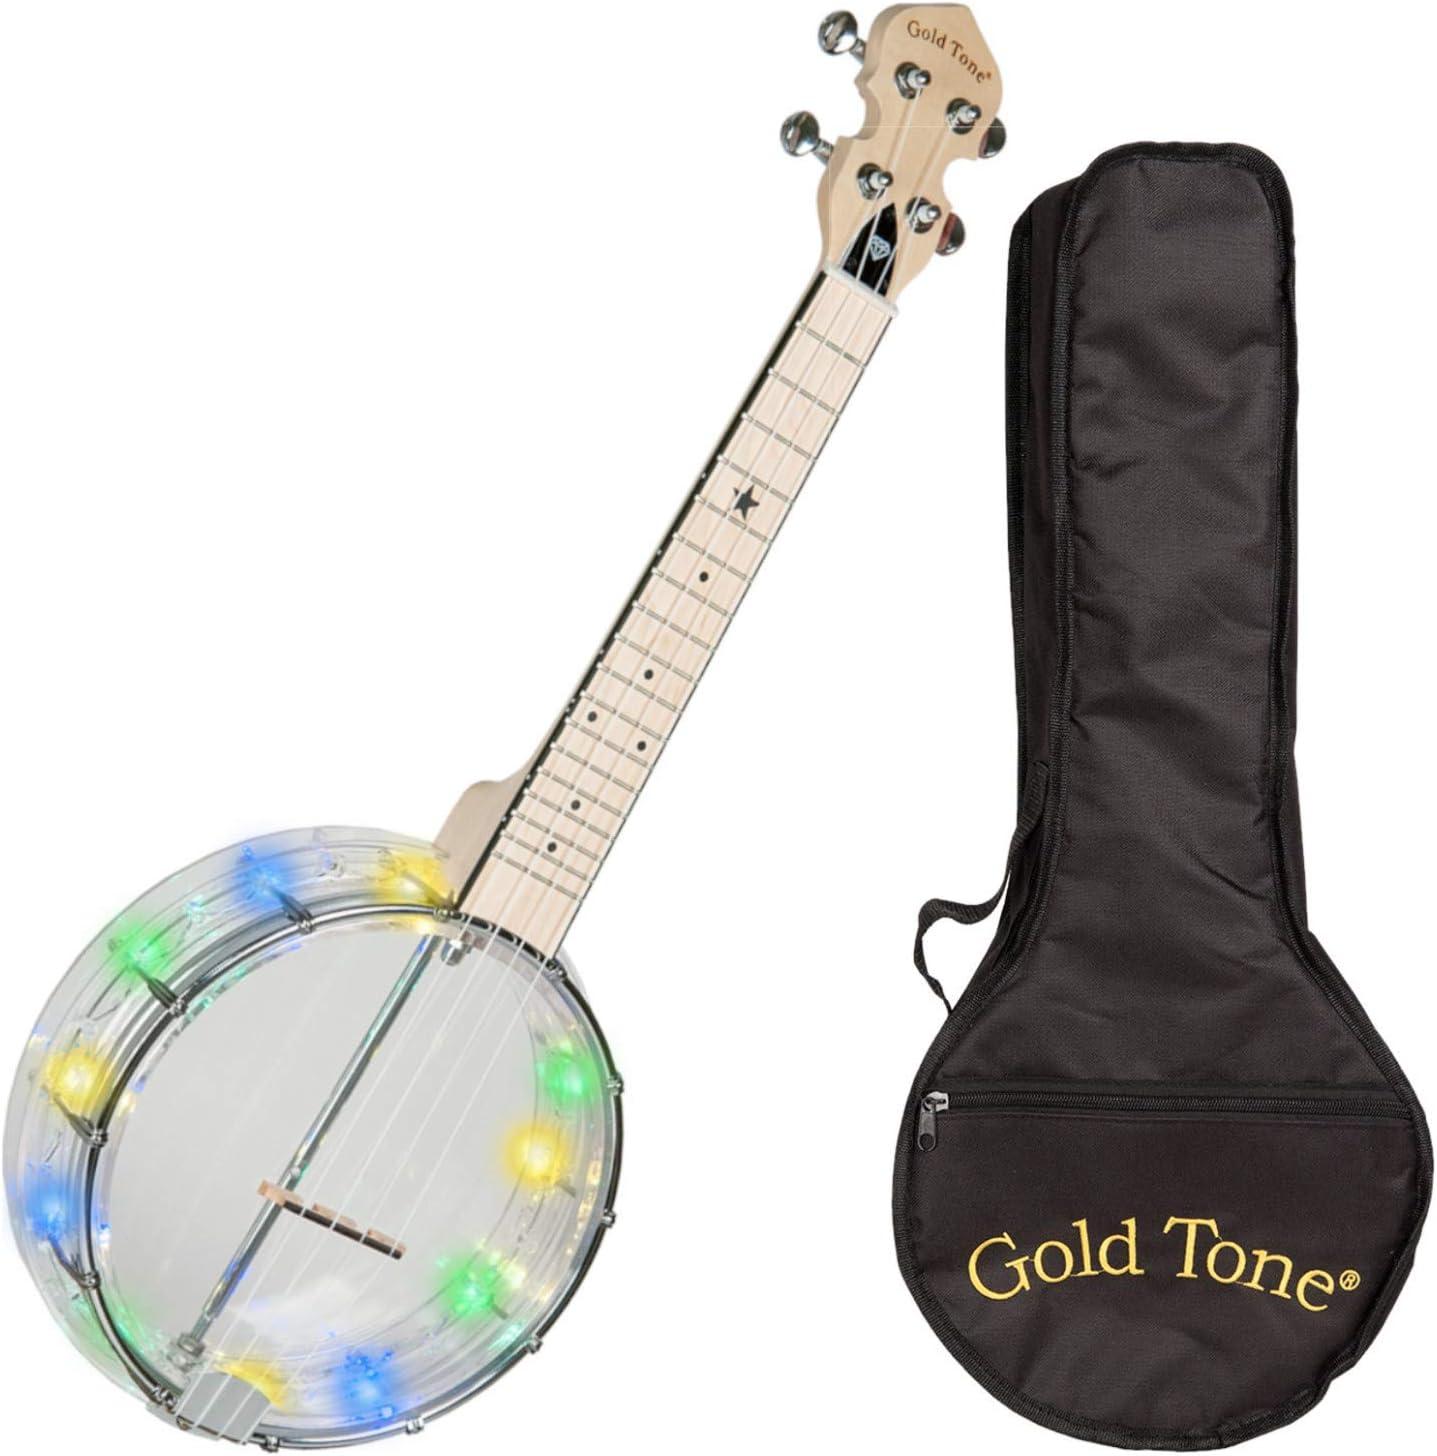 Goldtone Challenge the lowest price of Japan ☆ Ultra-Cheap Deals LGLT Light-Up Little Gem w Banjo Ukulele Bag